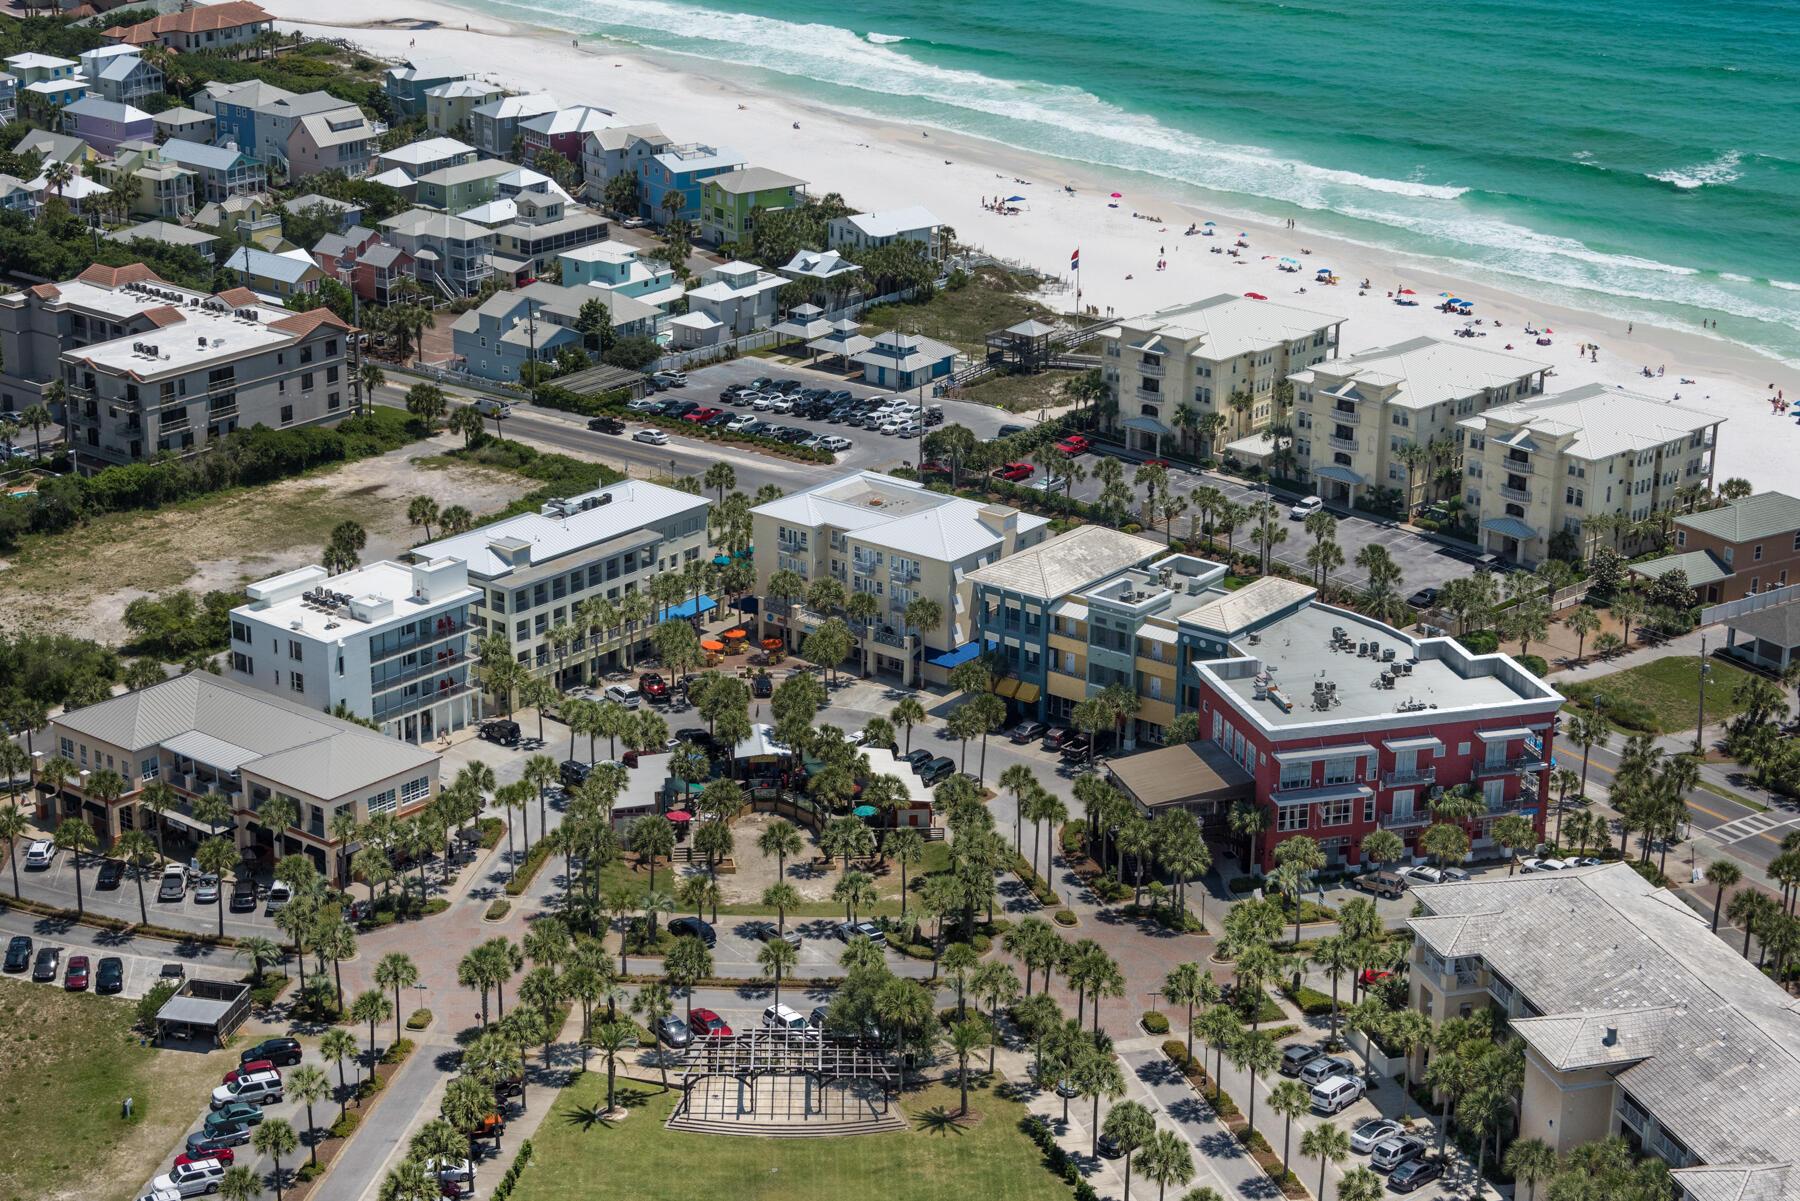 A 1 Bedroom 1 Bedroom Gulf Place Caribbean Condo Condominium